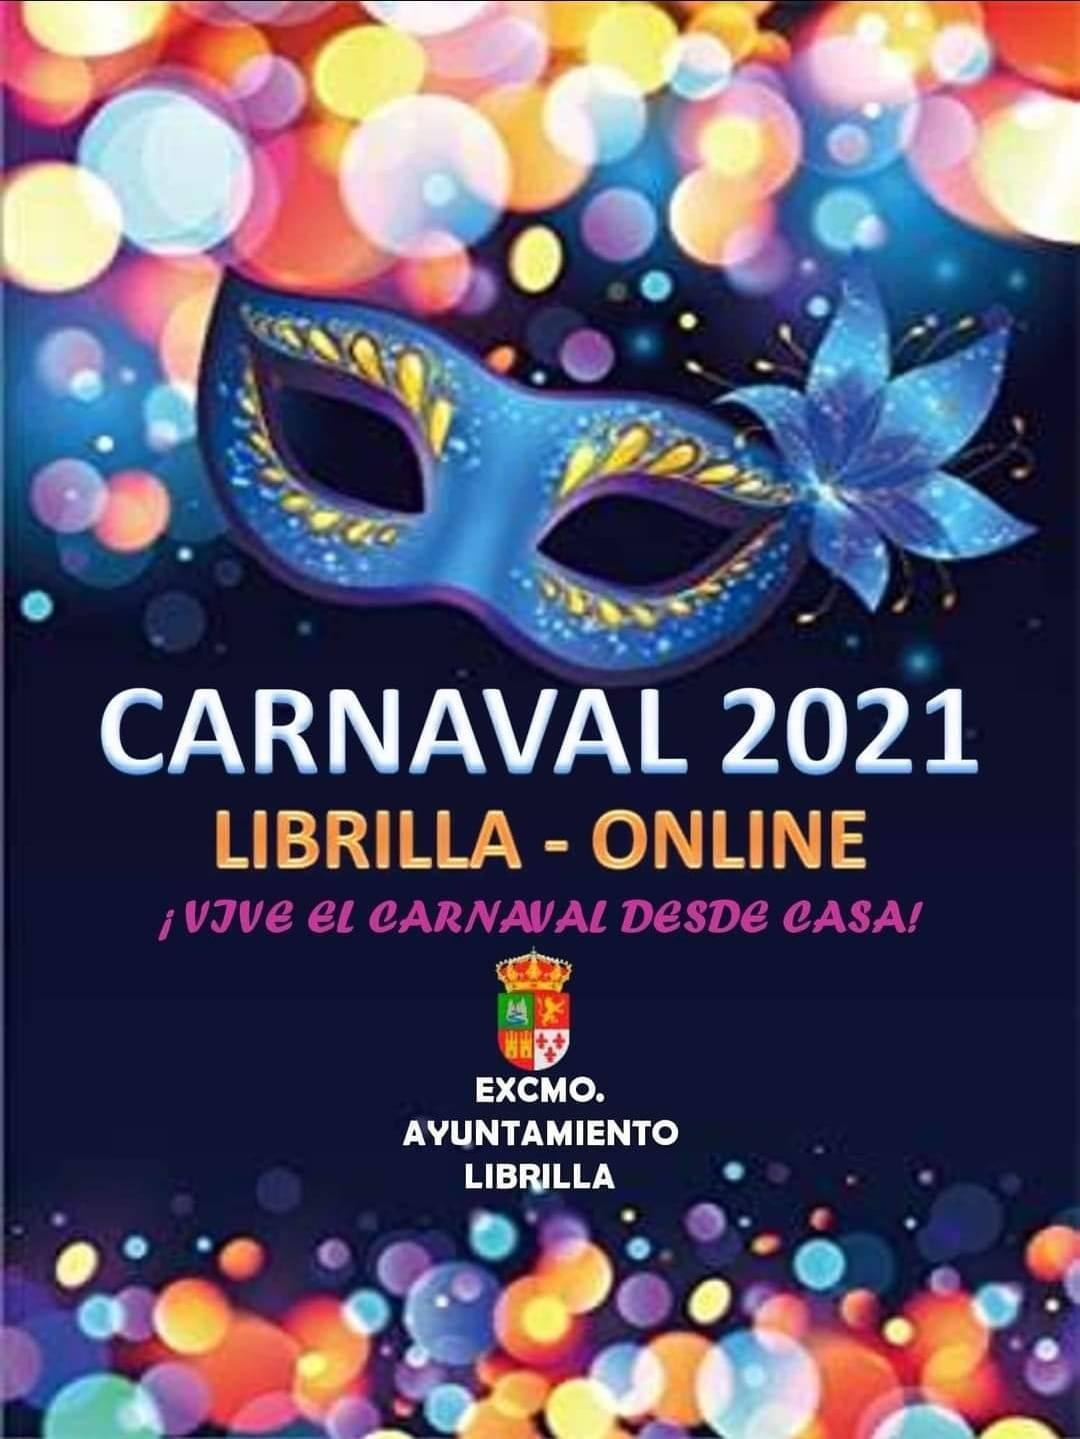 Carnaval online (2021) - Librilla (Murcia)